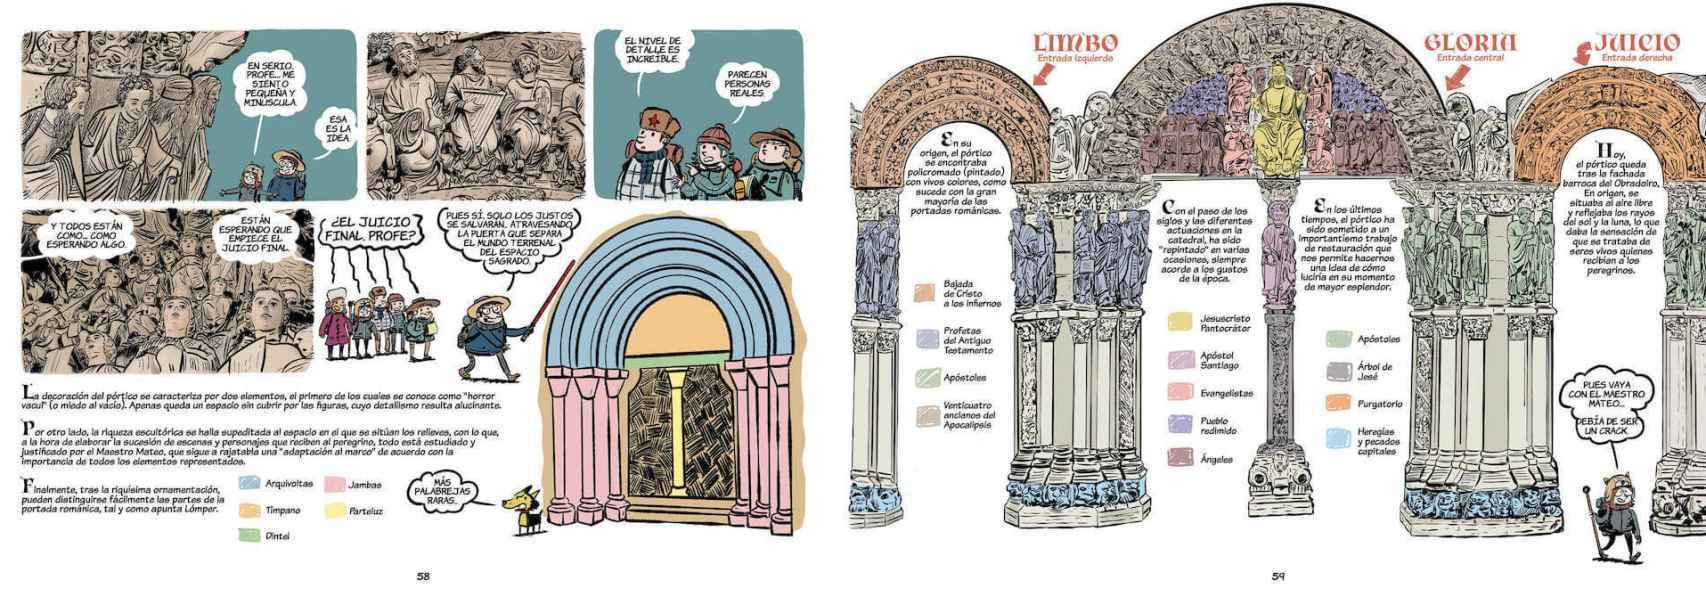 Páginas dedicadas al Pórtico de la Gloria.